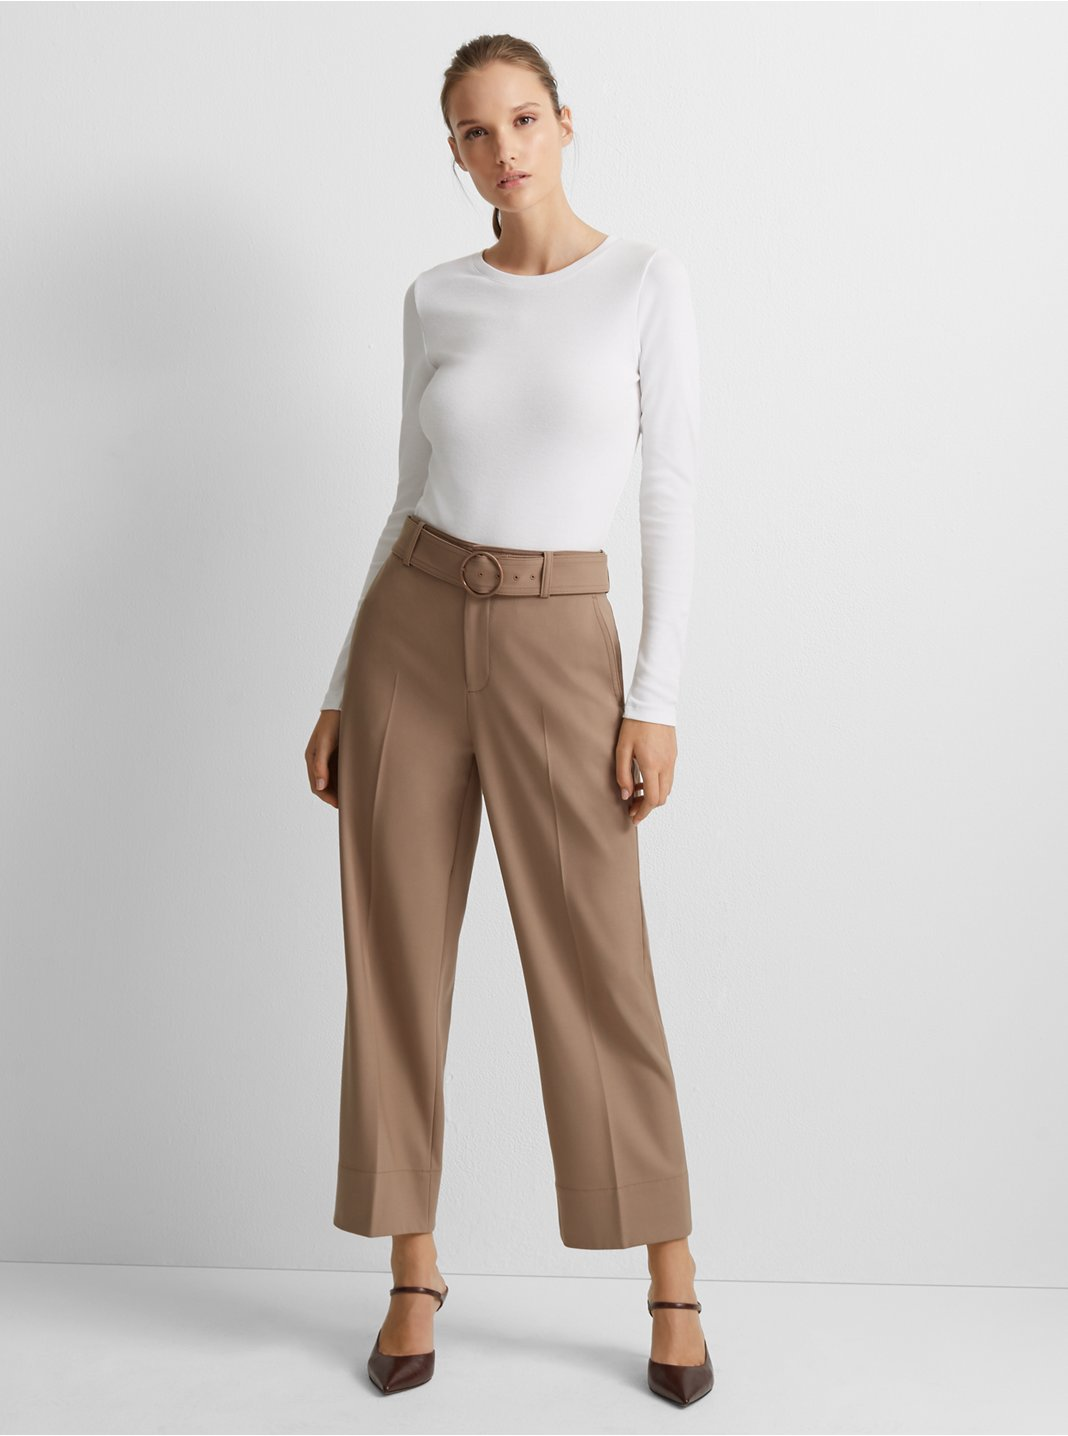 bfd641d9a4074 Women's Pants | Club Monaco